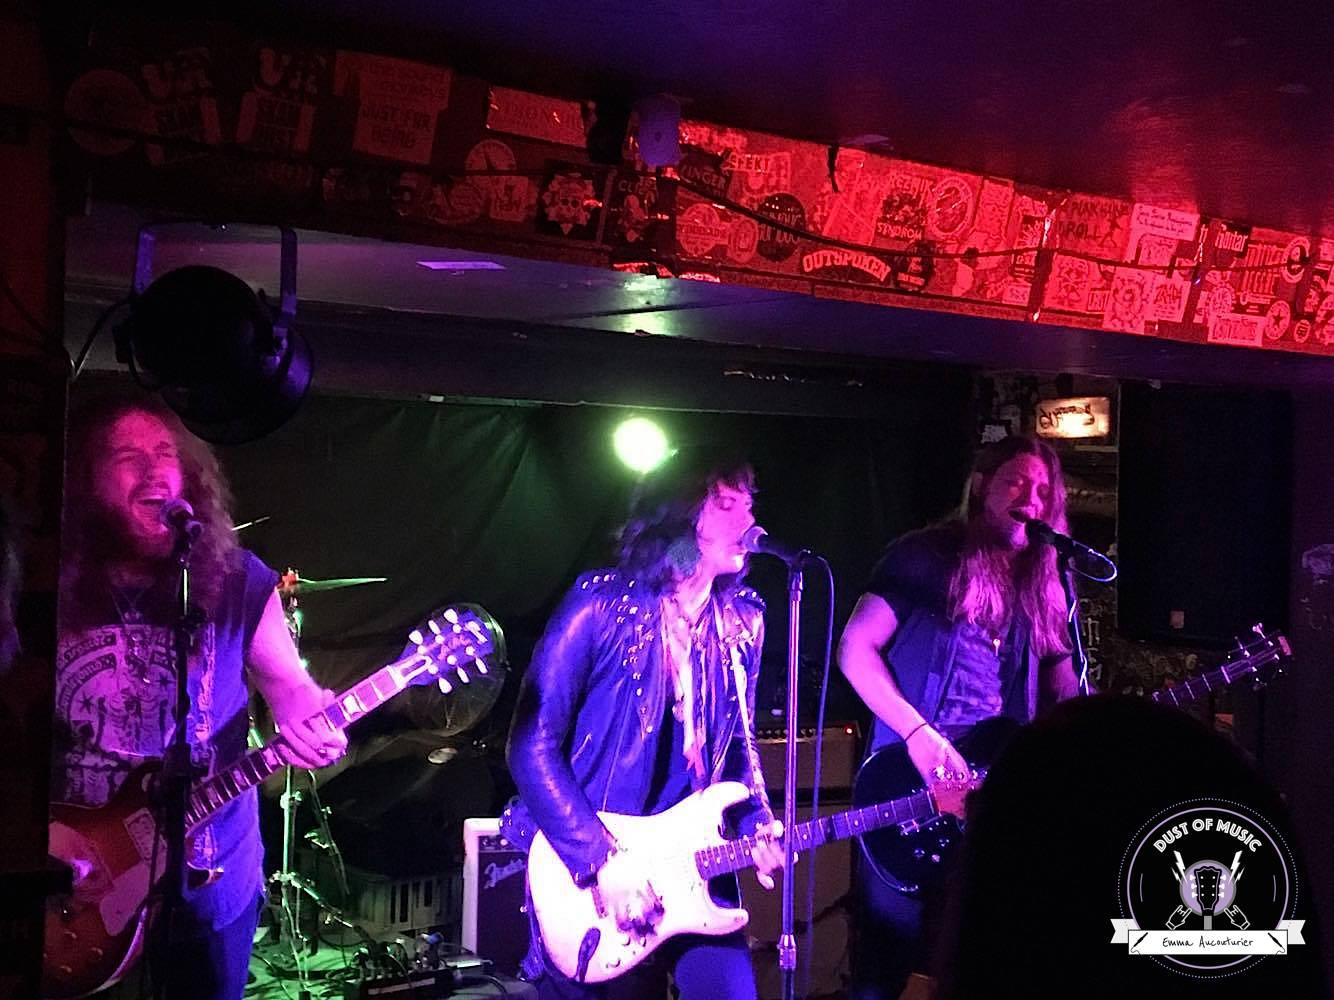 Tyler Bryant & The Shakedown à Prague : du Rock N' Roll à l'état pur !7 min de lecture